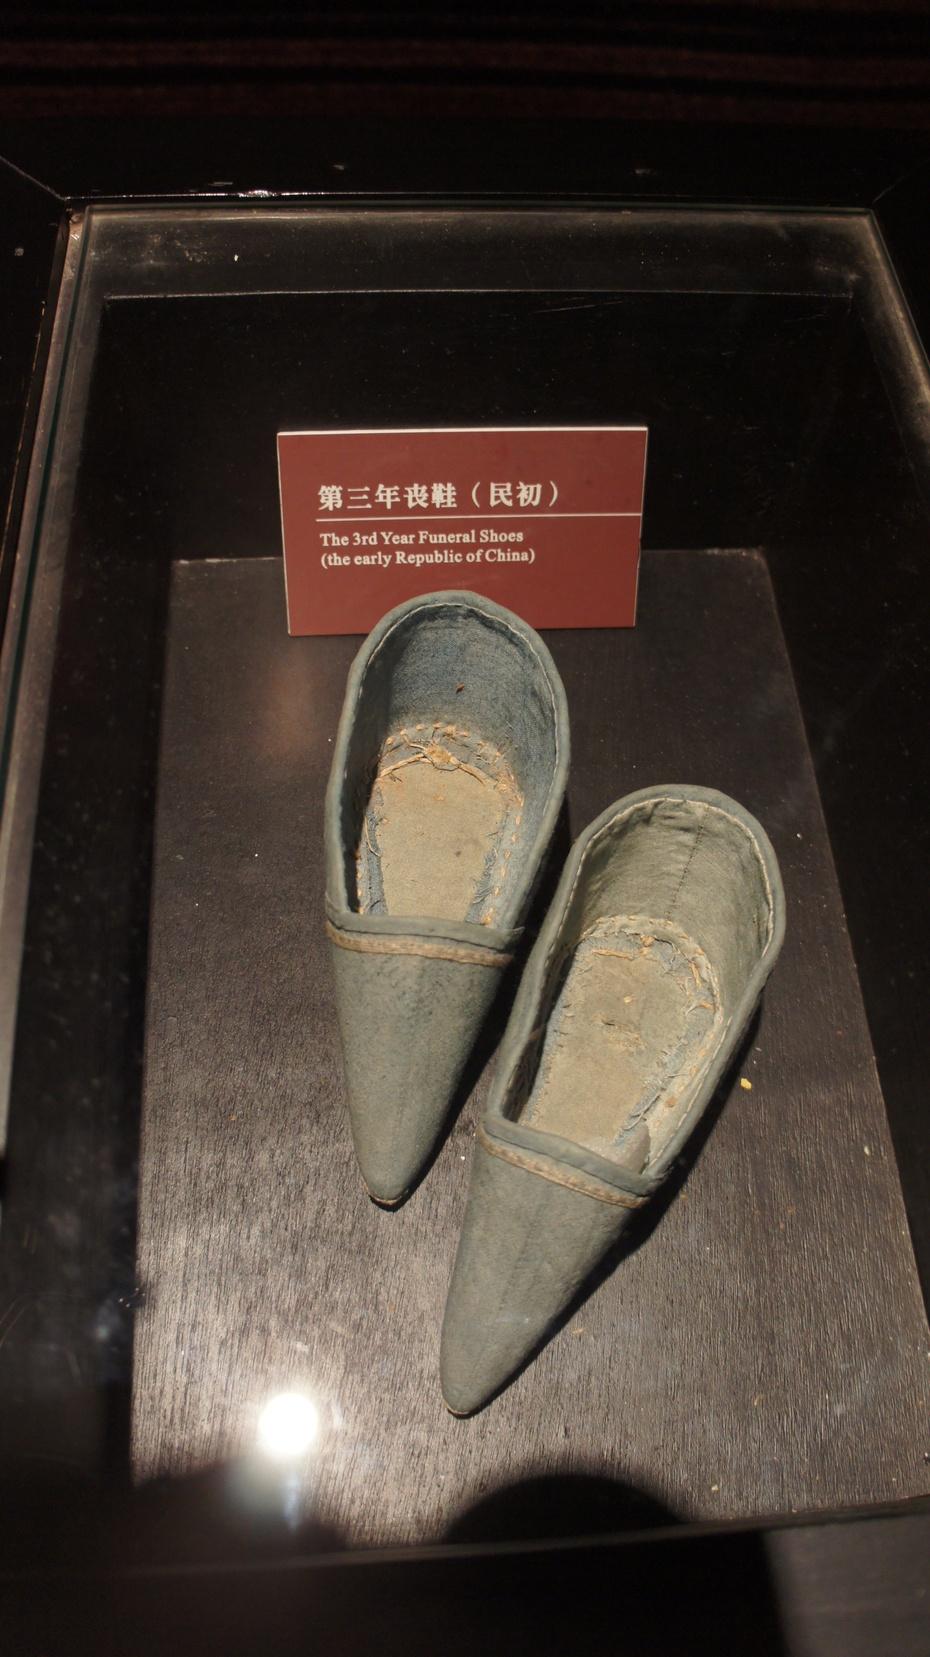 三寸金莲文物陈列馆:诉说女性辛酸 - 余昌国 - 我的博客